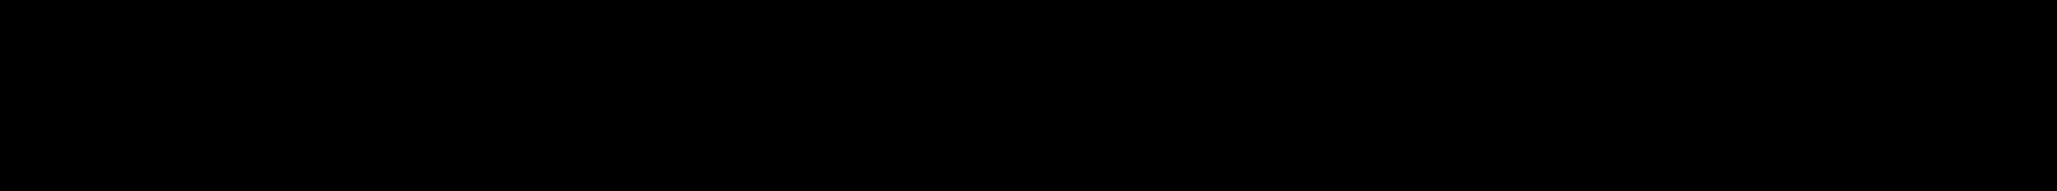 Design System D 100R